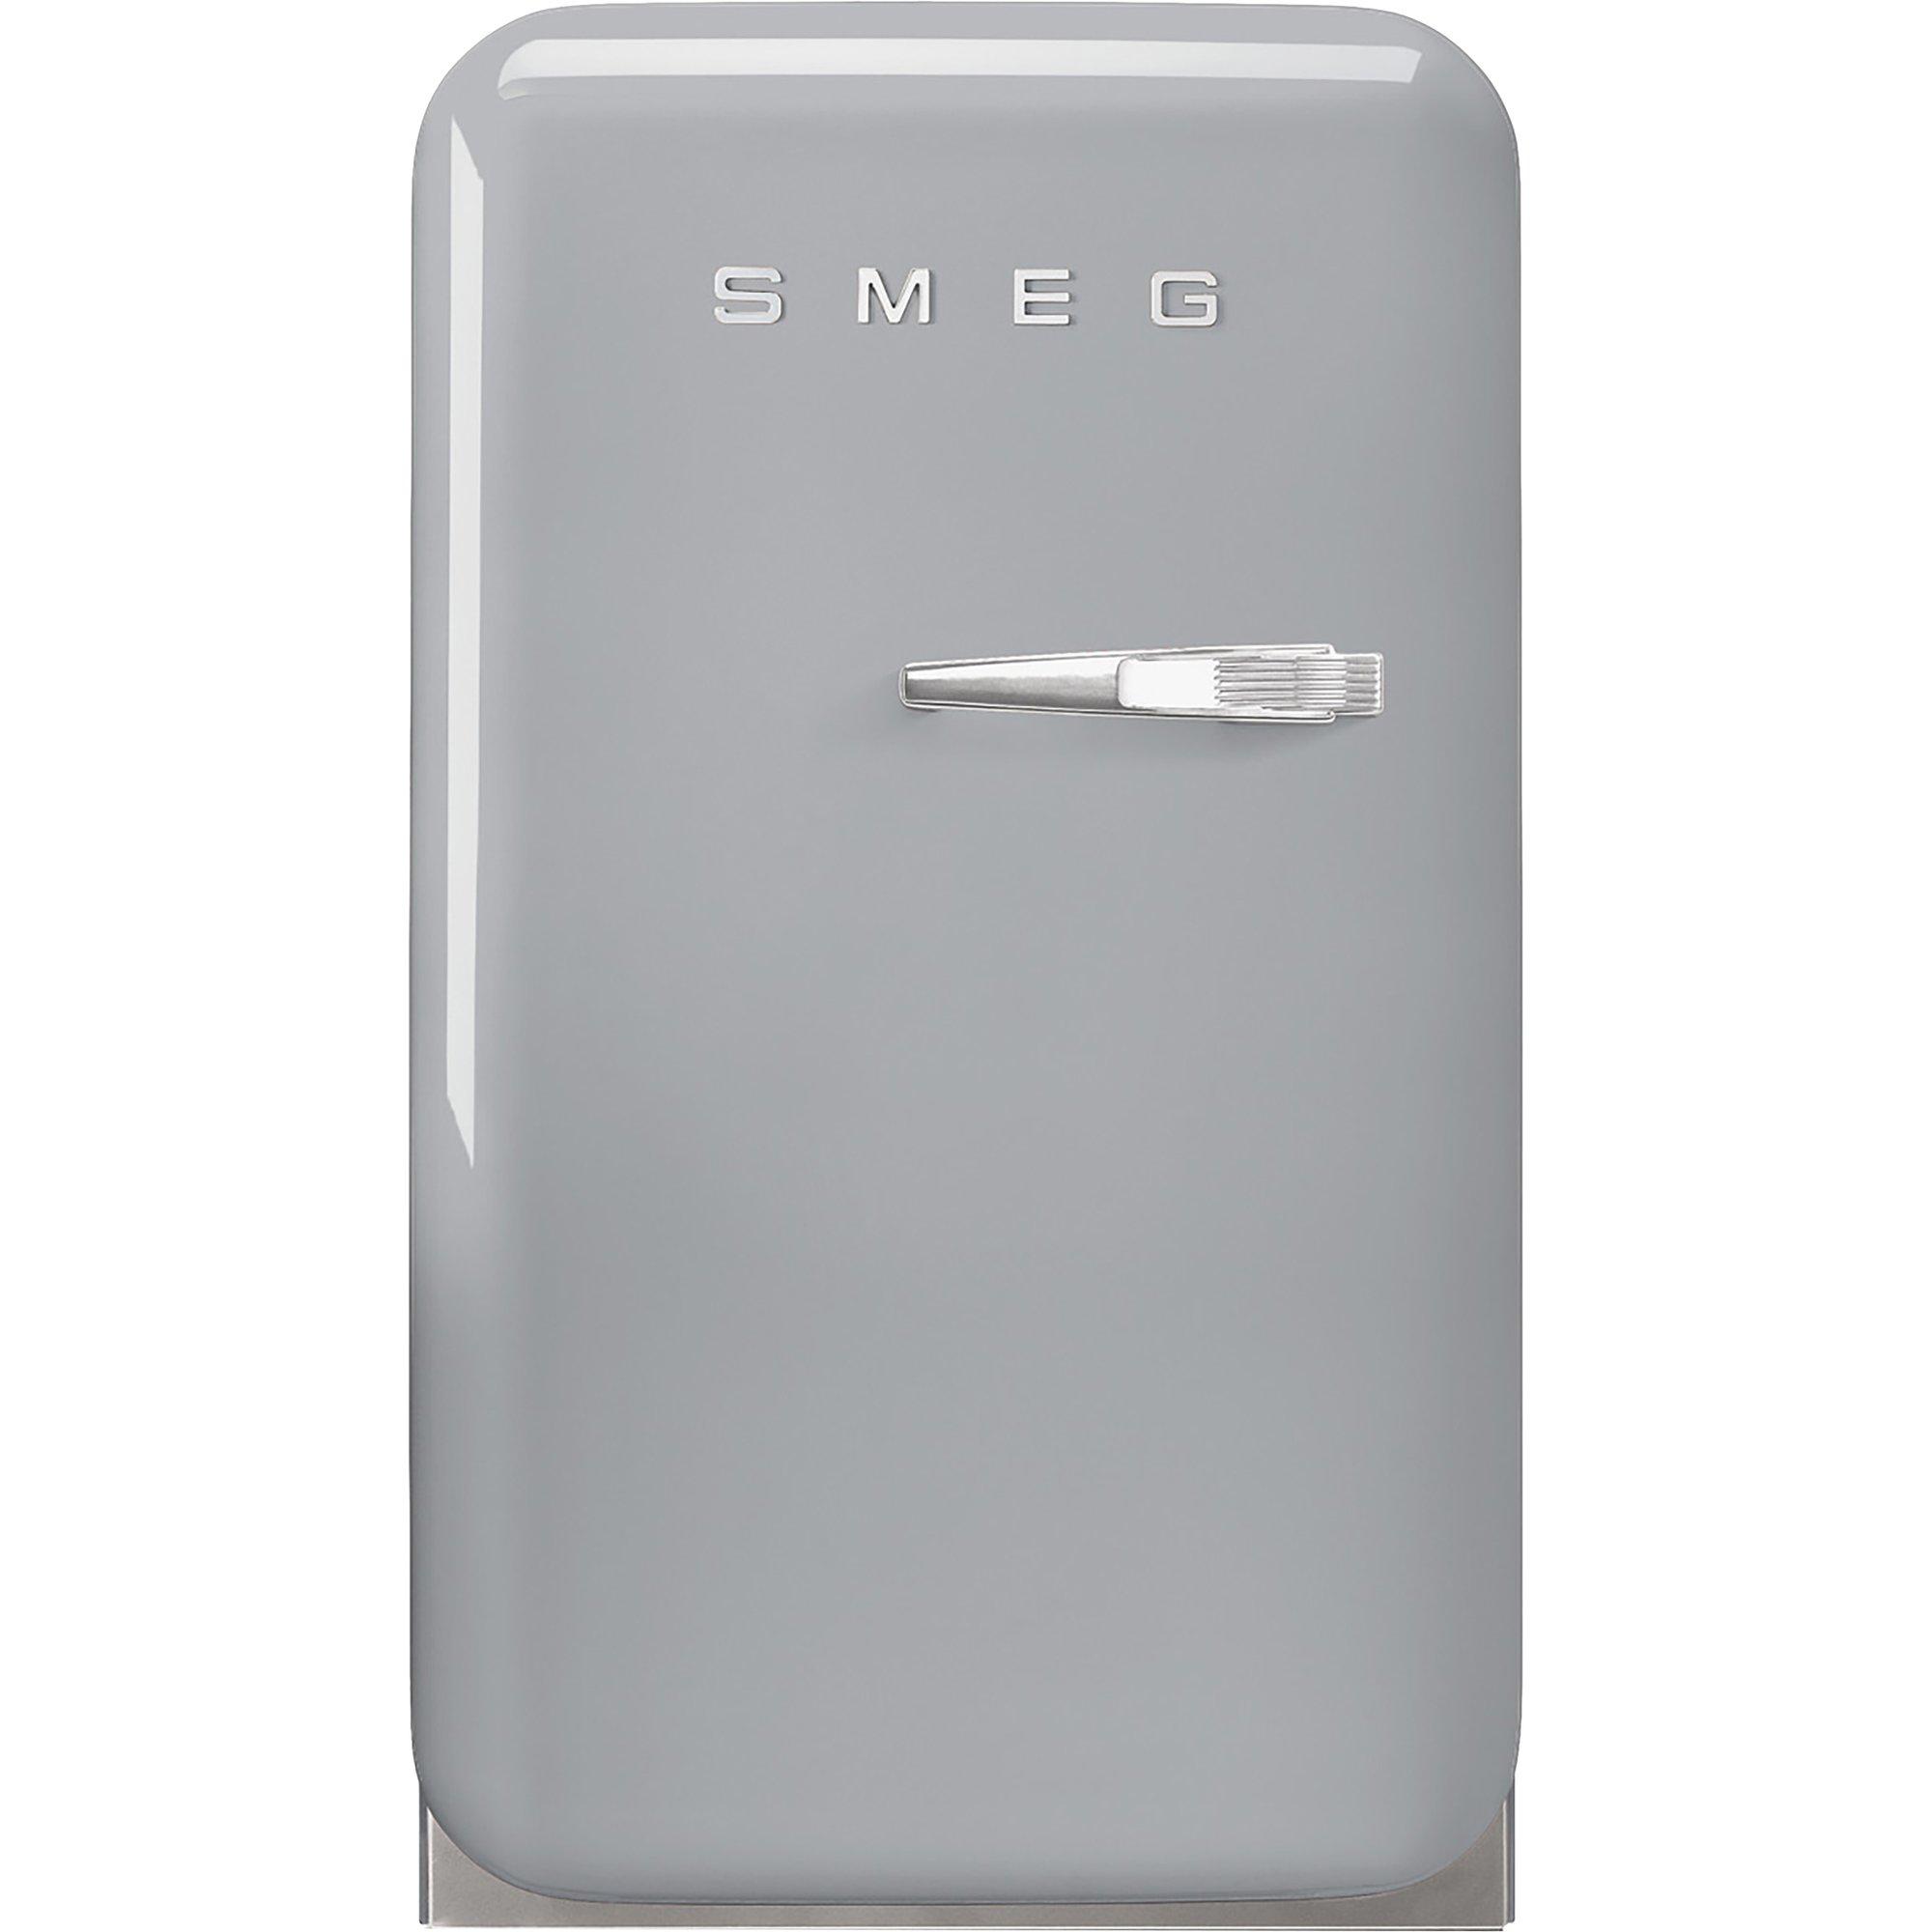 Smeg 74 cm kylskåp i retrostil vänsterhängt – silver